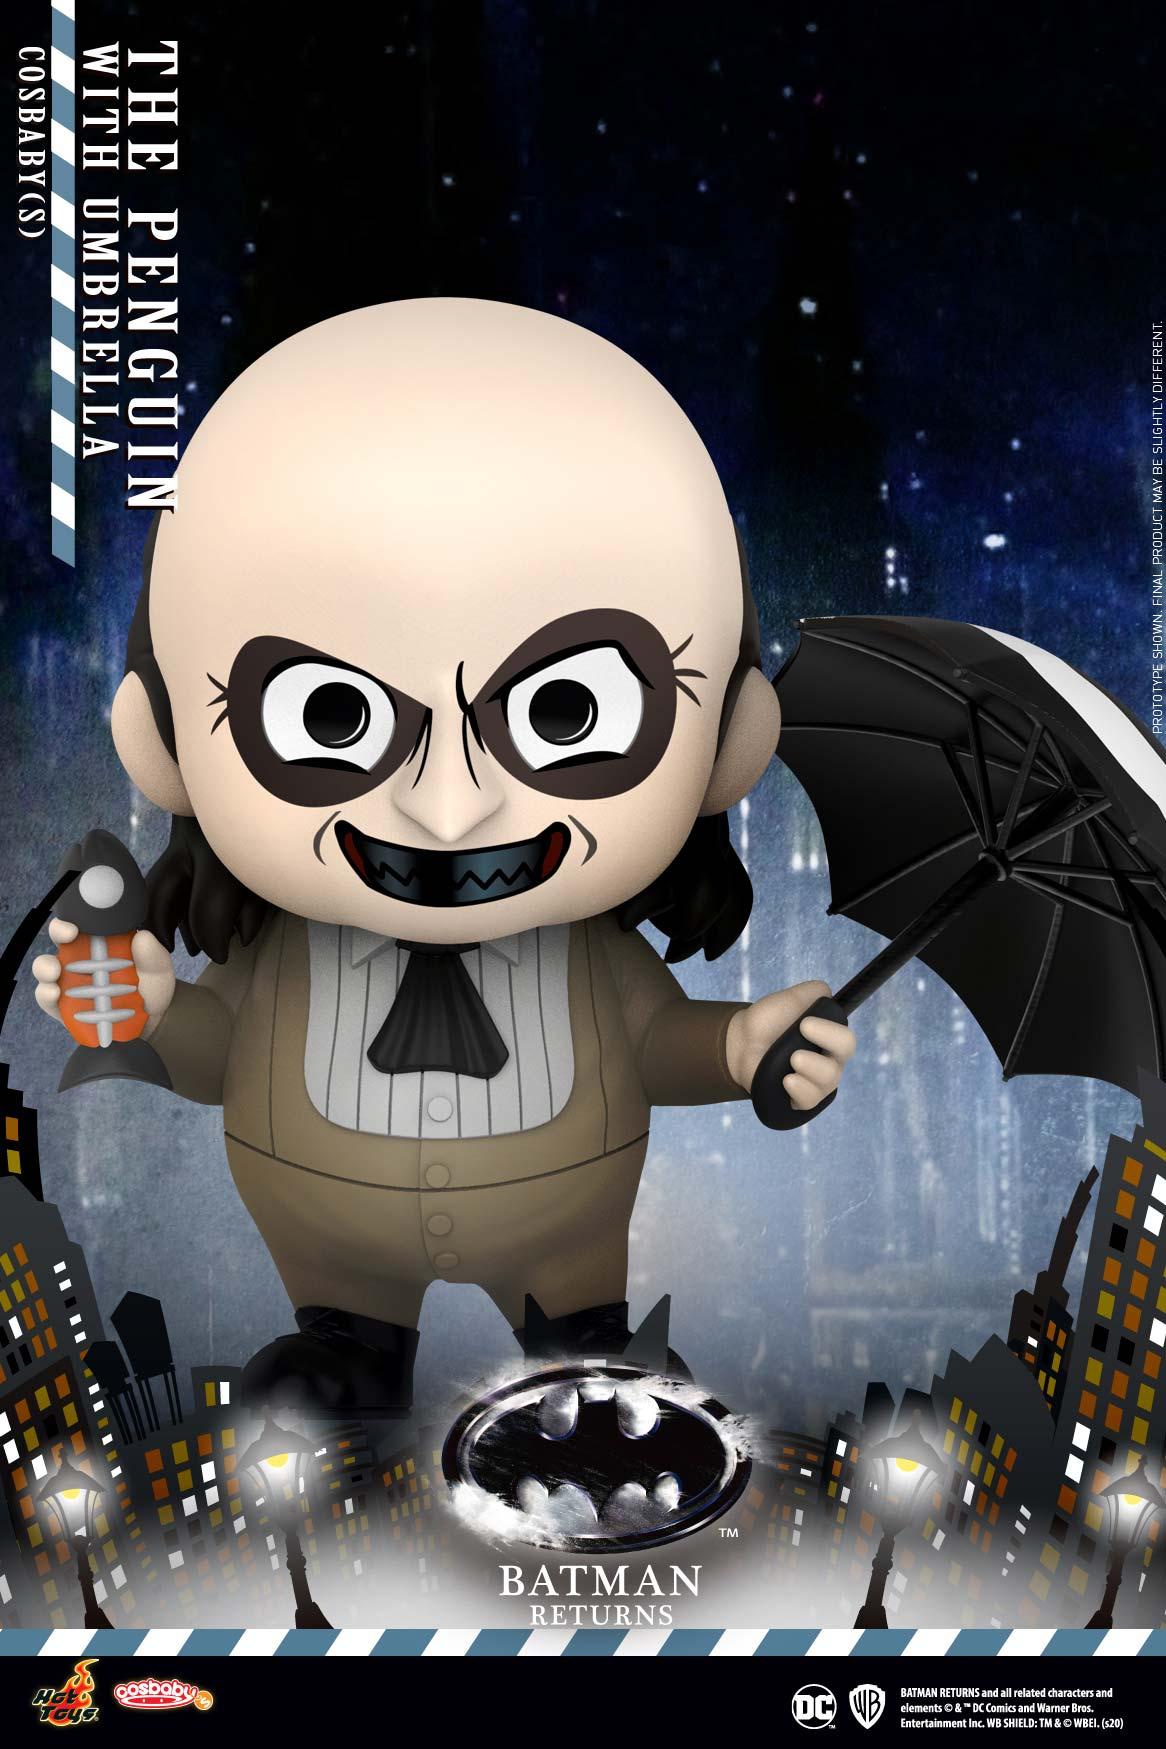 Batman-Returns_COSB718_The-Penguin-with-umbrella_V01